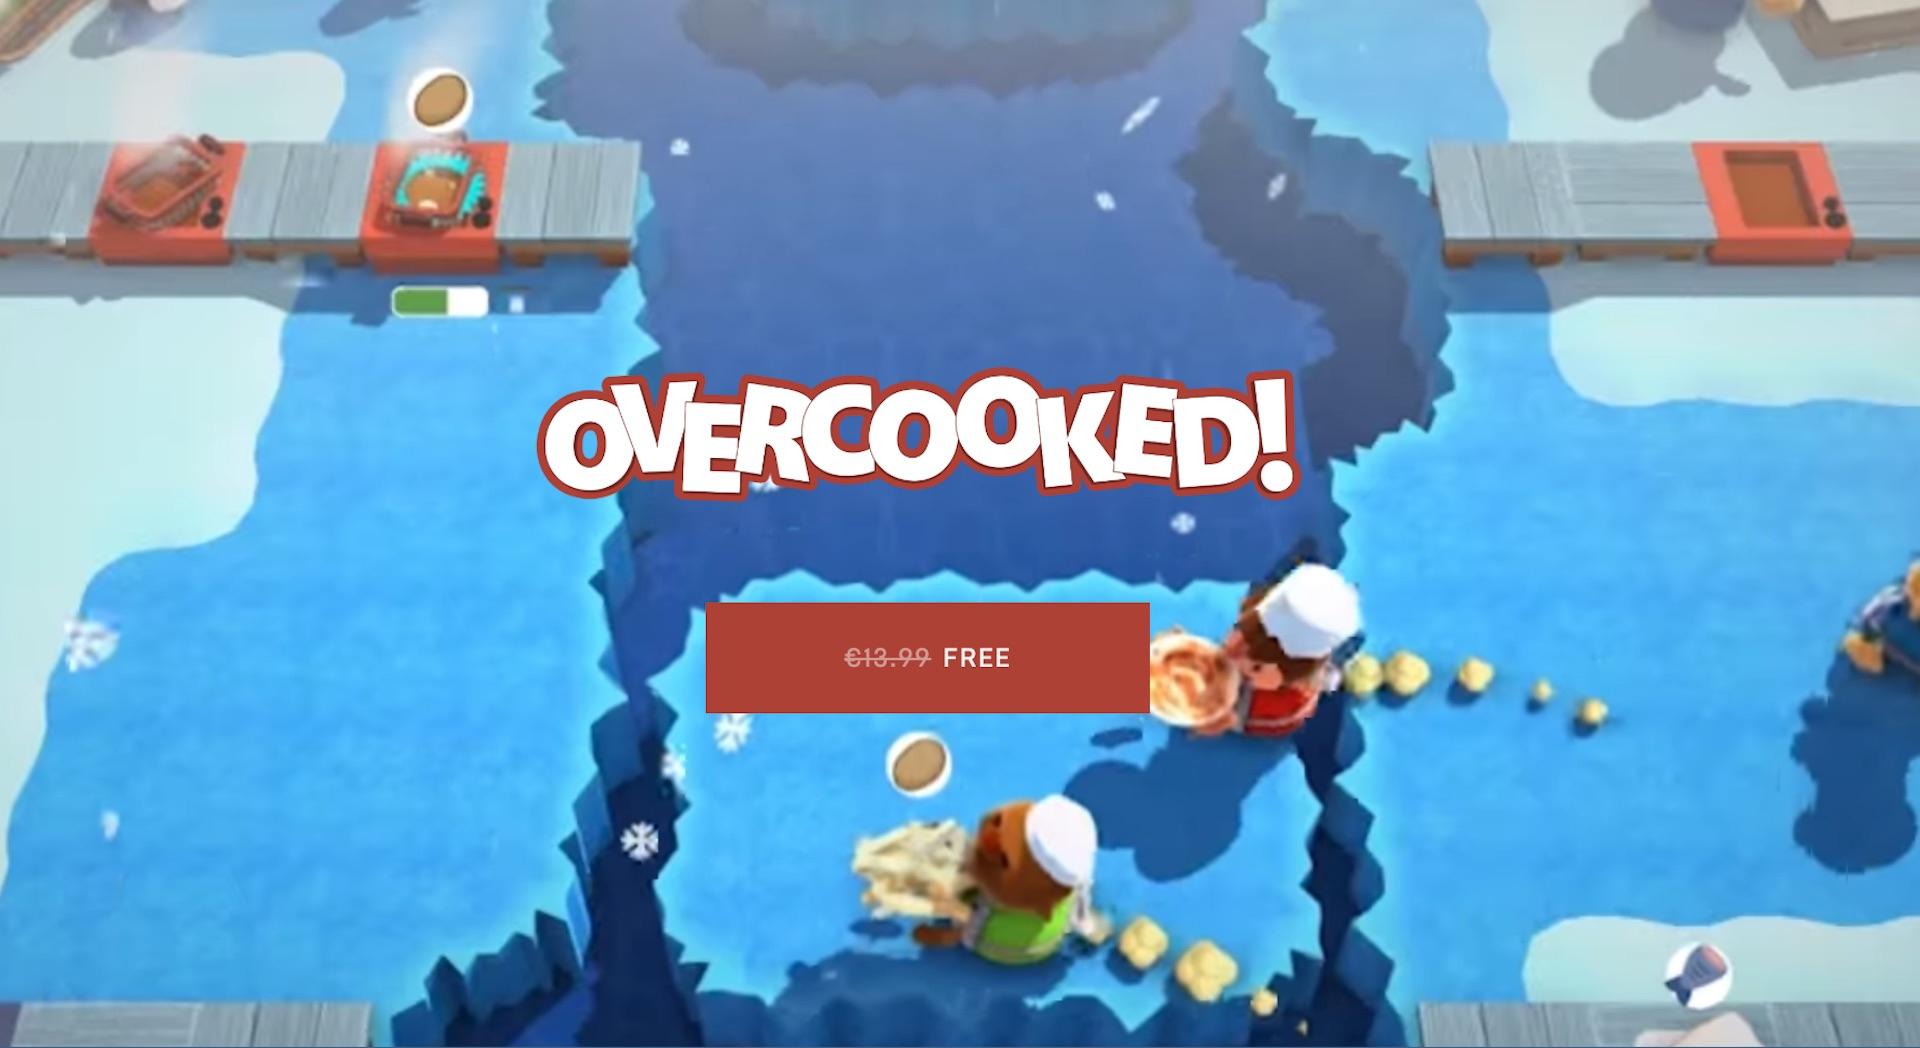 Overcooked Est Temporairement Gratuit : Foncez Télécharger concernant Jeux Facile A Telecharger